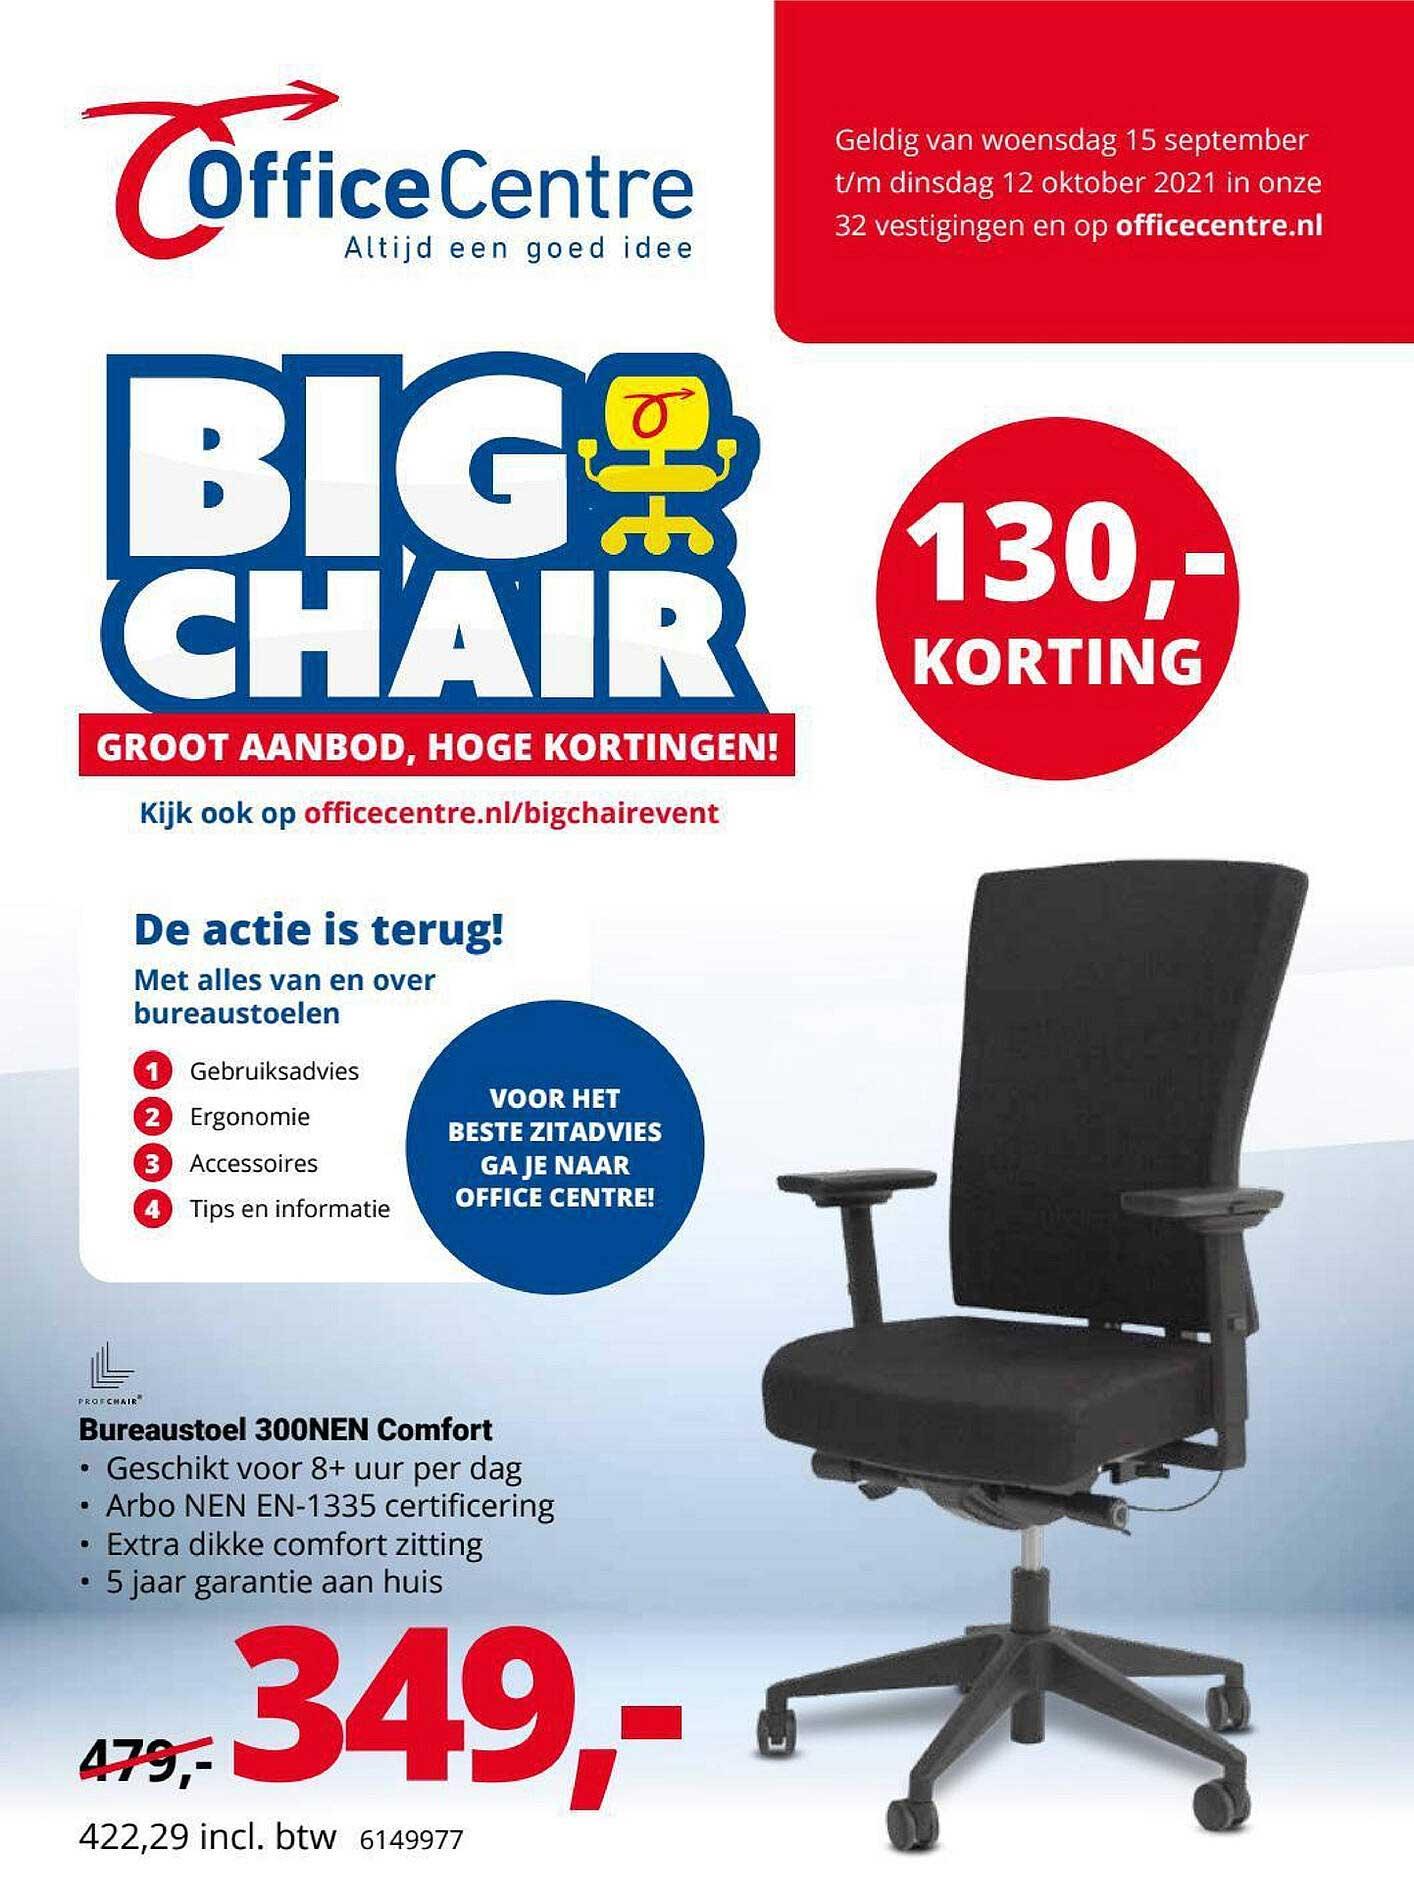 Office Centre Bureaustoel 300NEN Comfort 130,- Korting